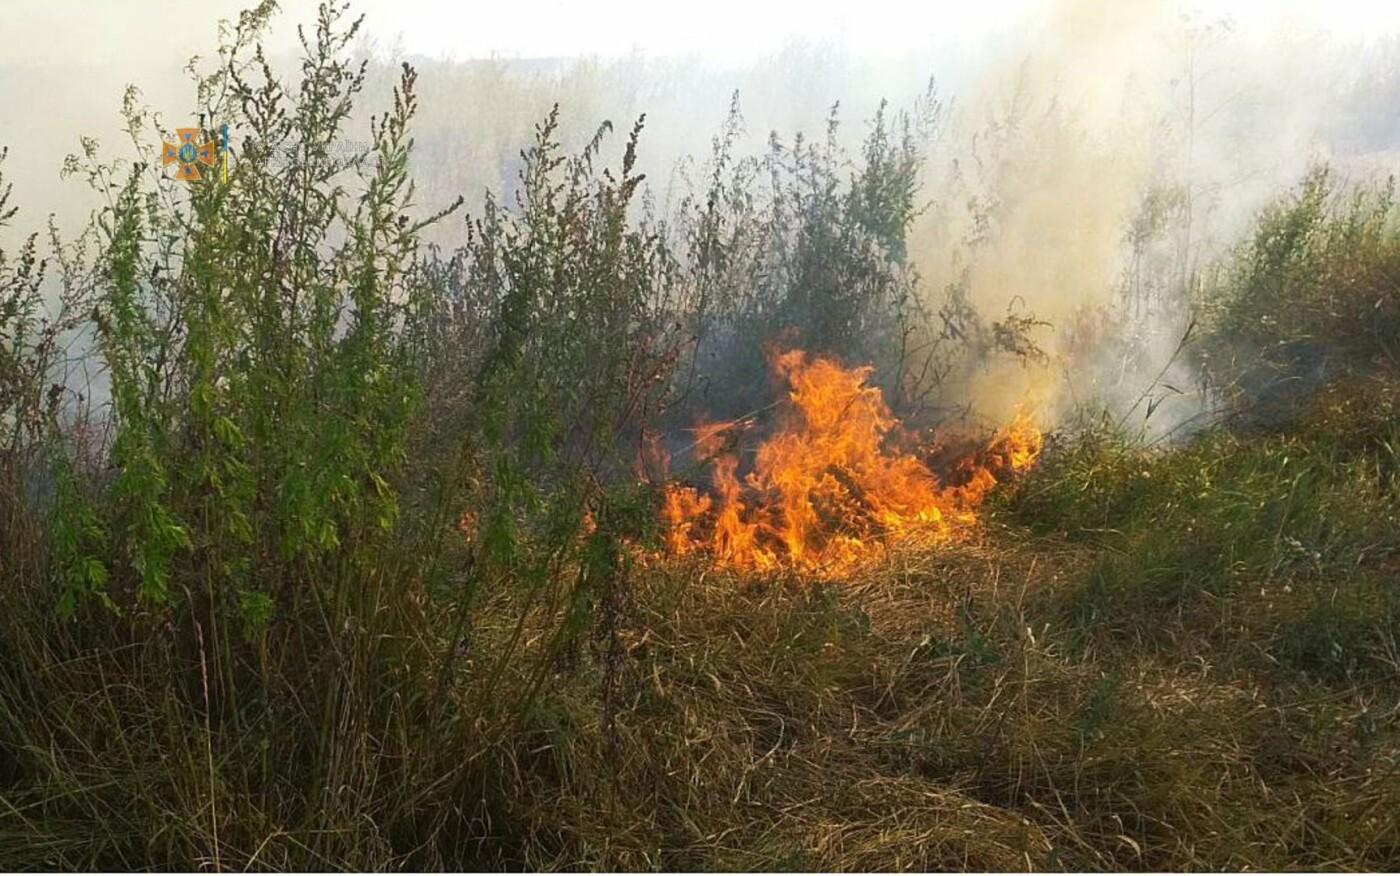 На Харьковщине за последние сутки спасатели тушили три десятка пожаров на открытых территориях, - ФОТО, фото-3